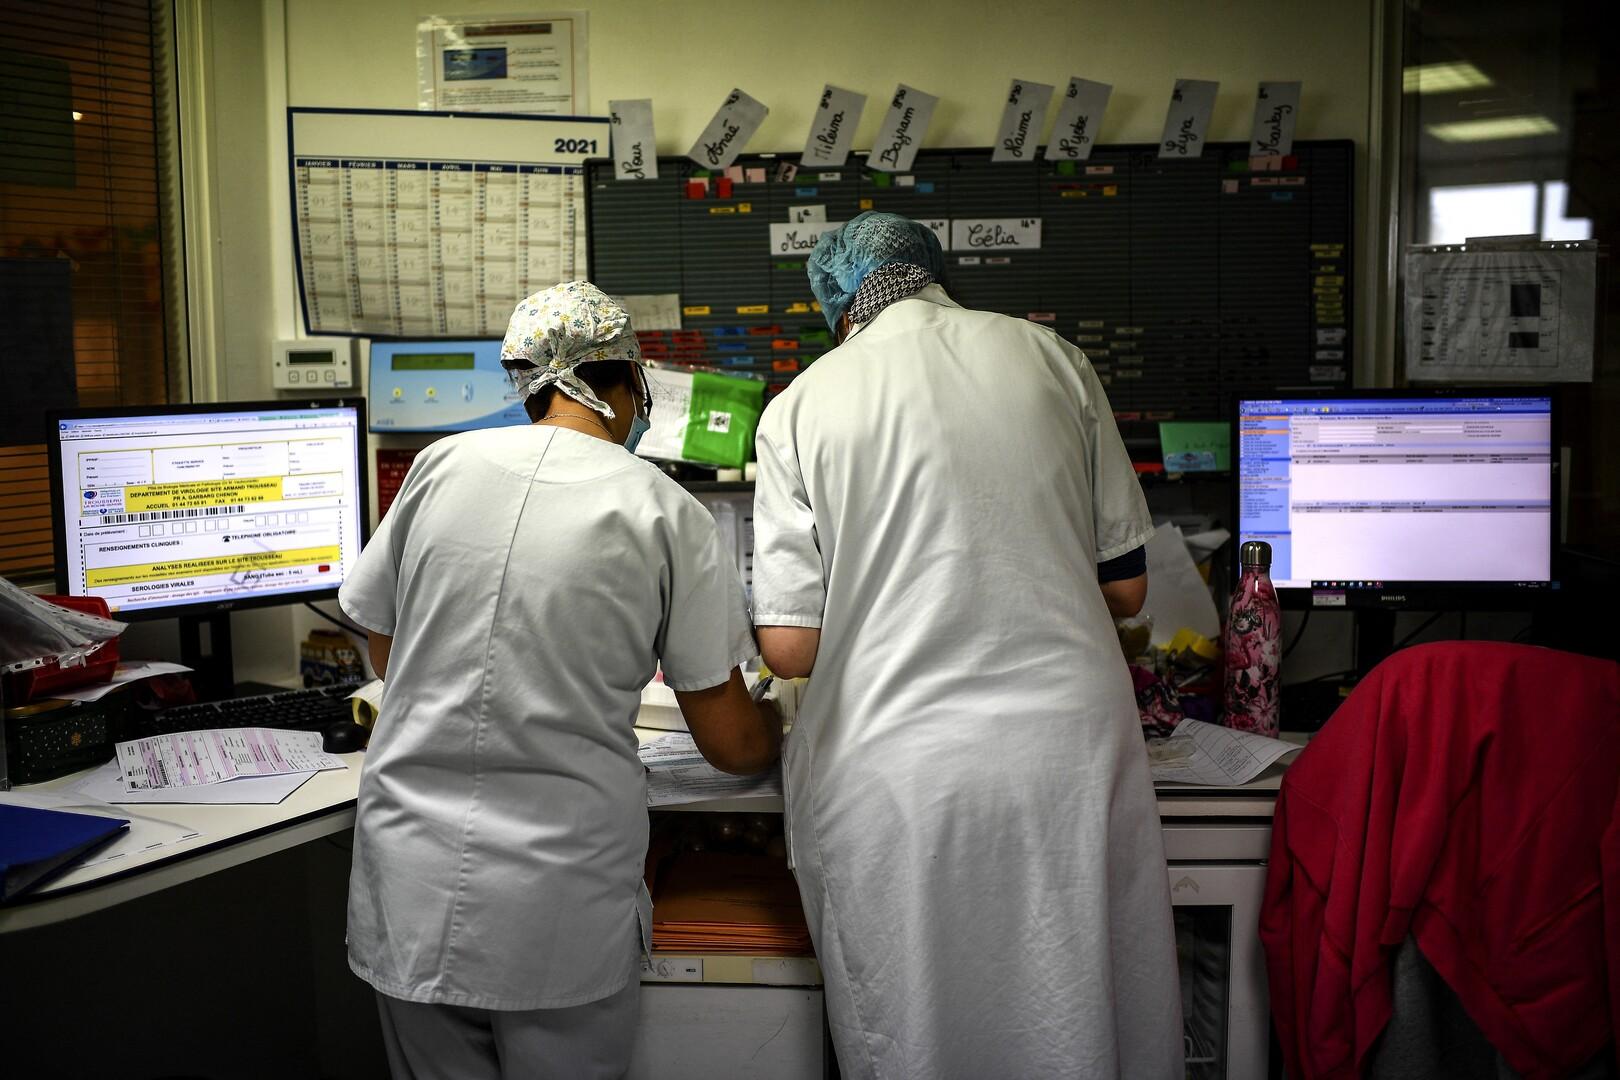 بريطانيا تطلق أكبر تجربة بالعالم لكشف 50 نوعا من السرطان قبل ظهور الأعراض